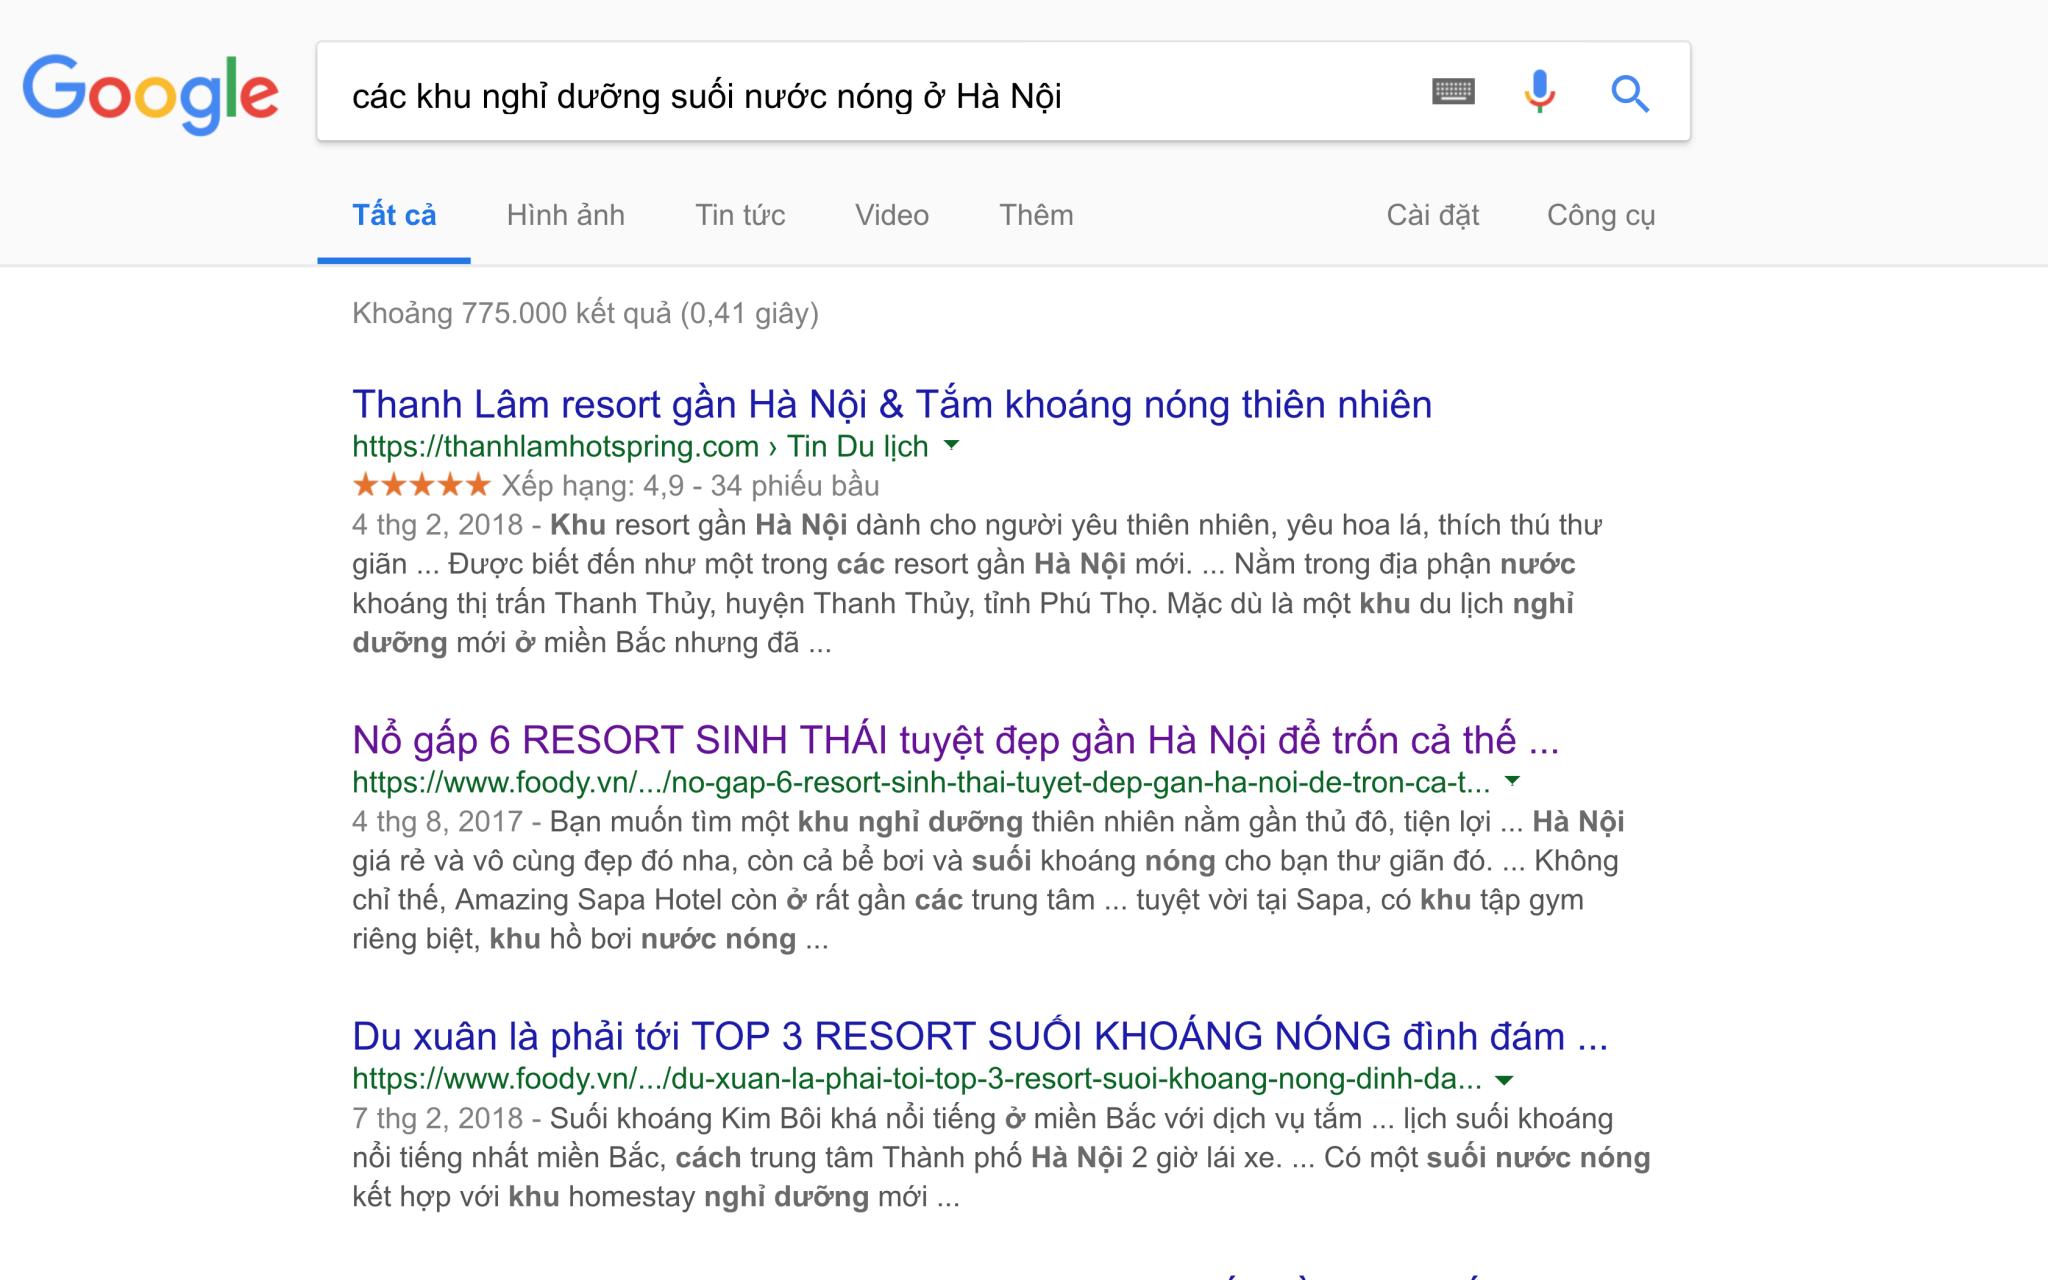 Kết quả khi tìm kiếm các khu nghỉ dưỡng suối nước nóng ở Hà Nội